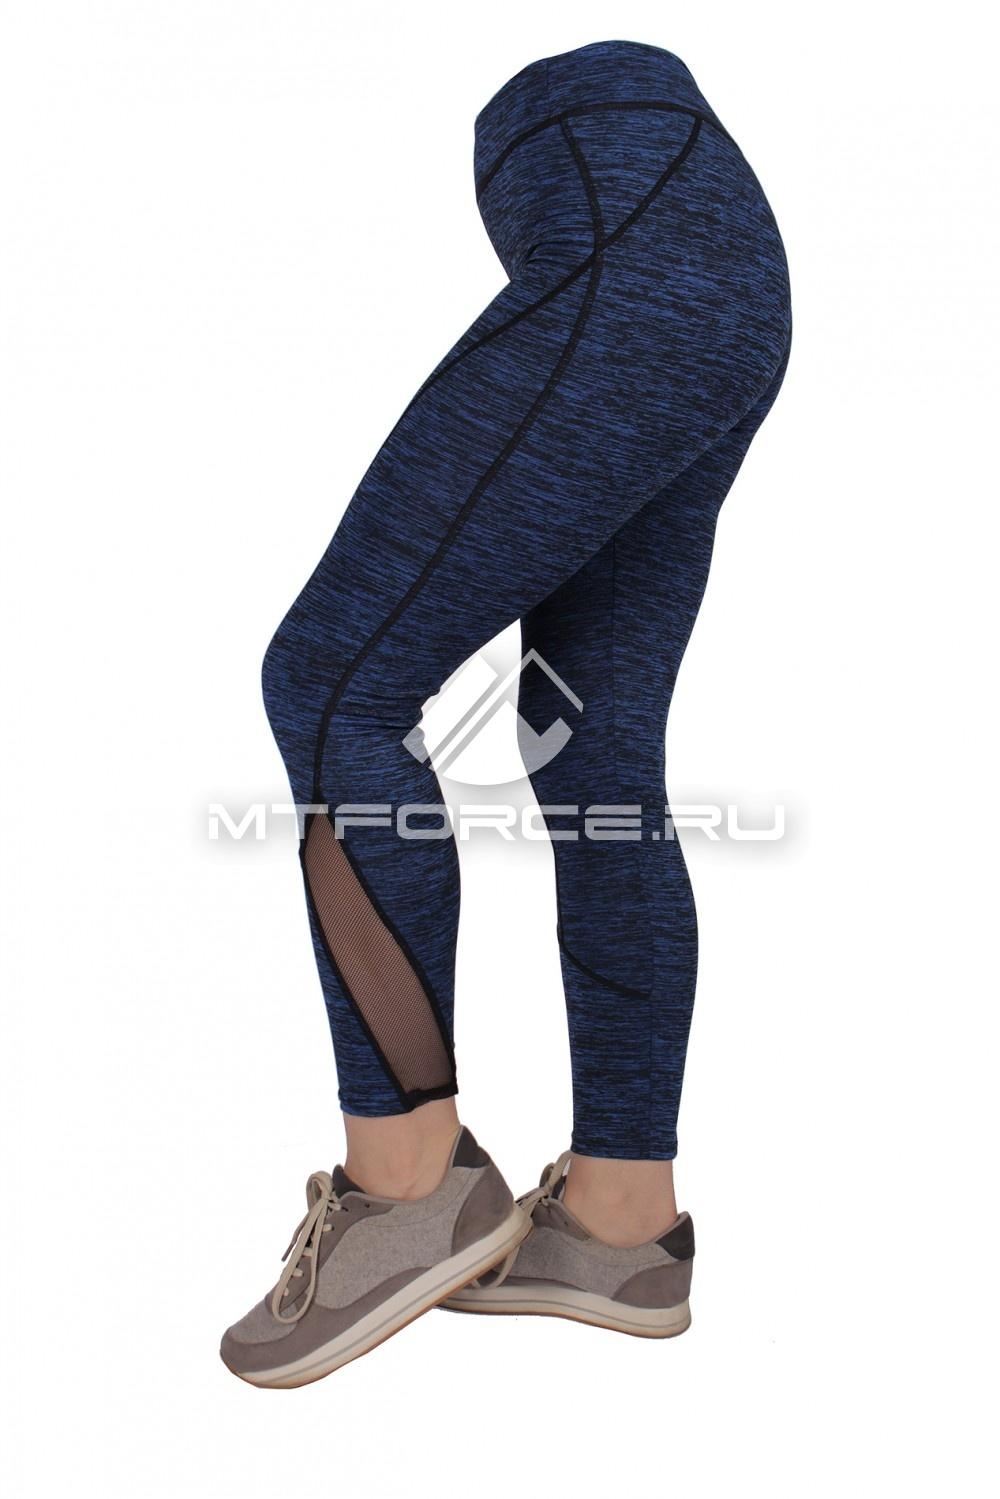 Купить                                  оптом Брюки легинсы женские темно-синего цвета 10201TS в Санкт-Петербурге